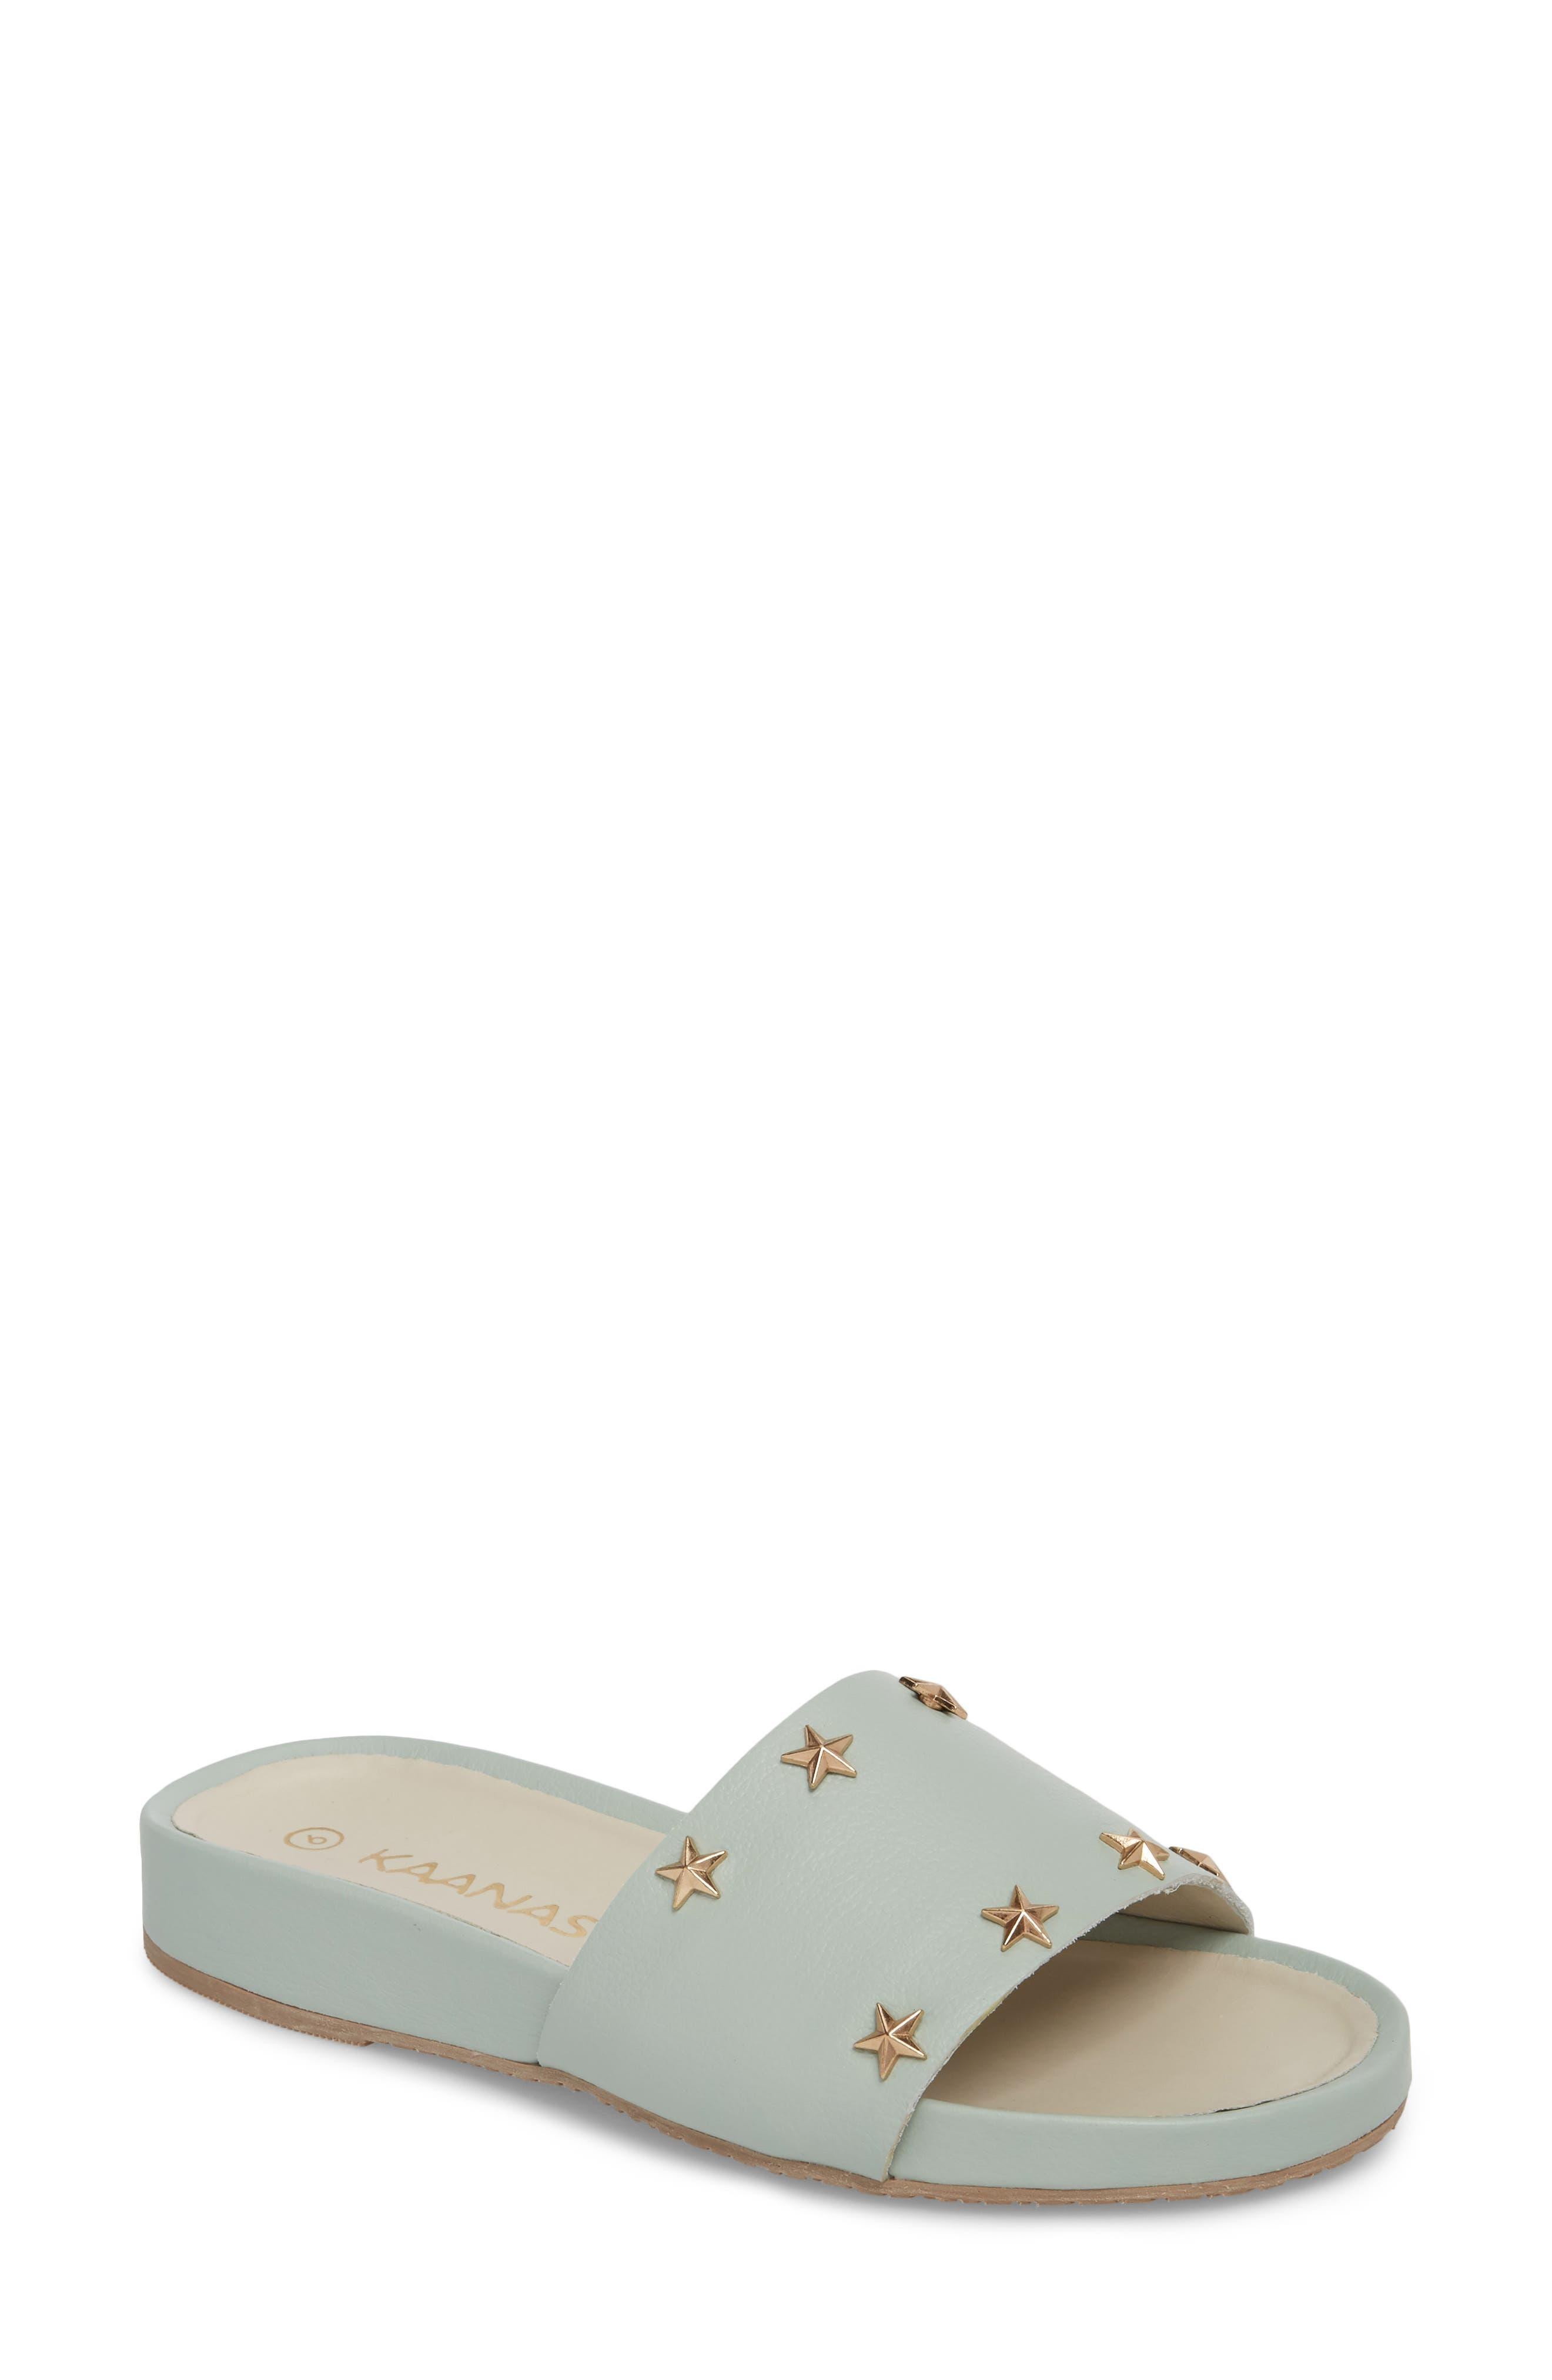 Bodrum Slide Sandal,                         Main,                         color, Mint